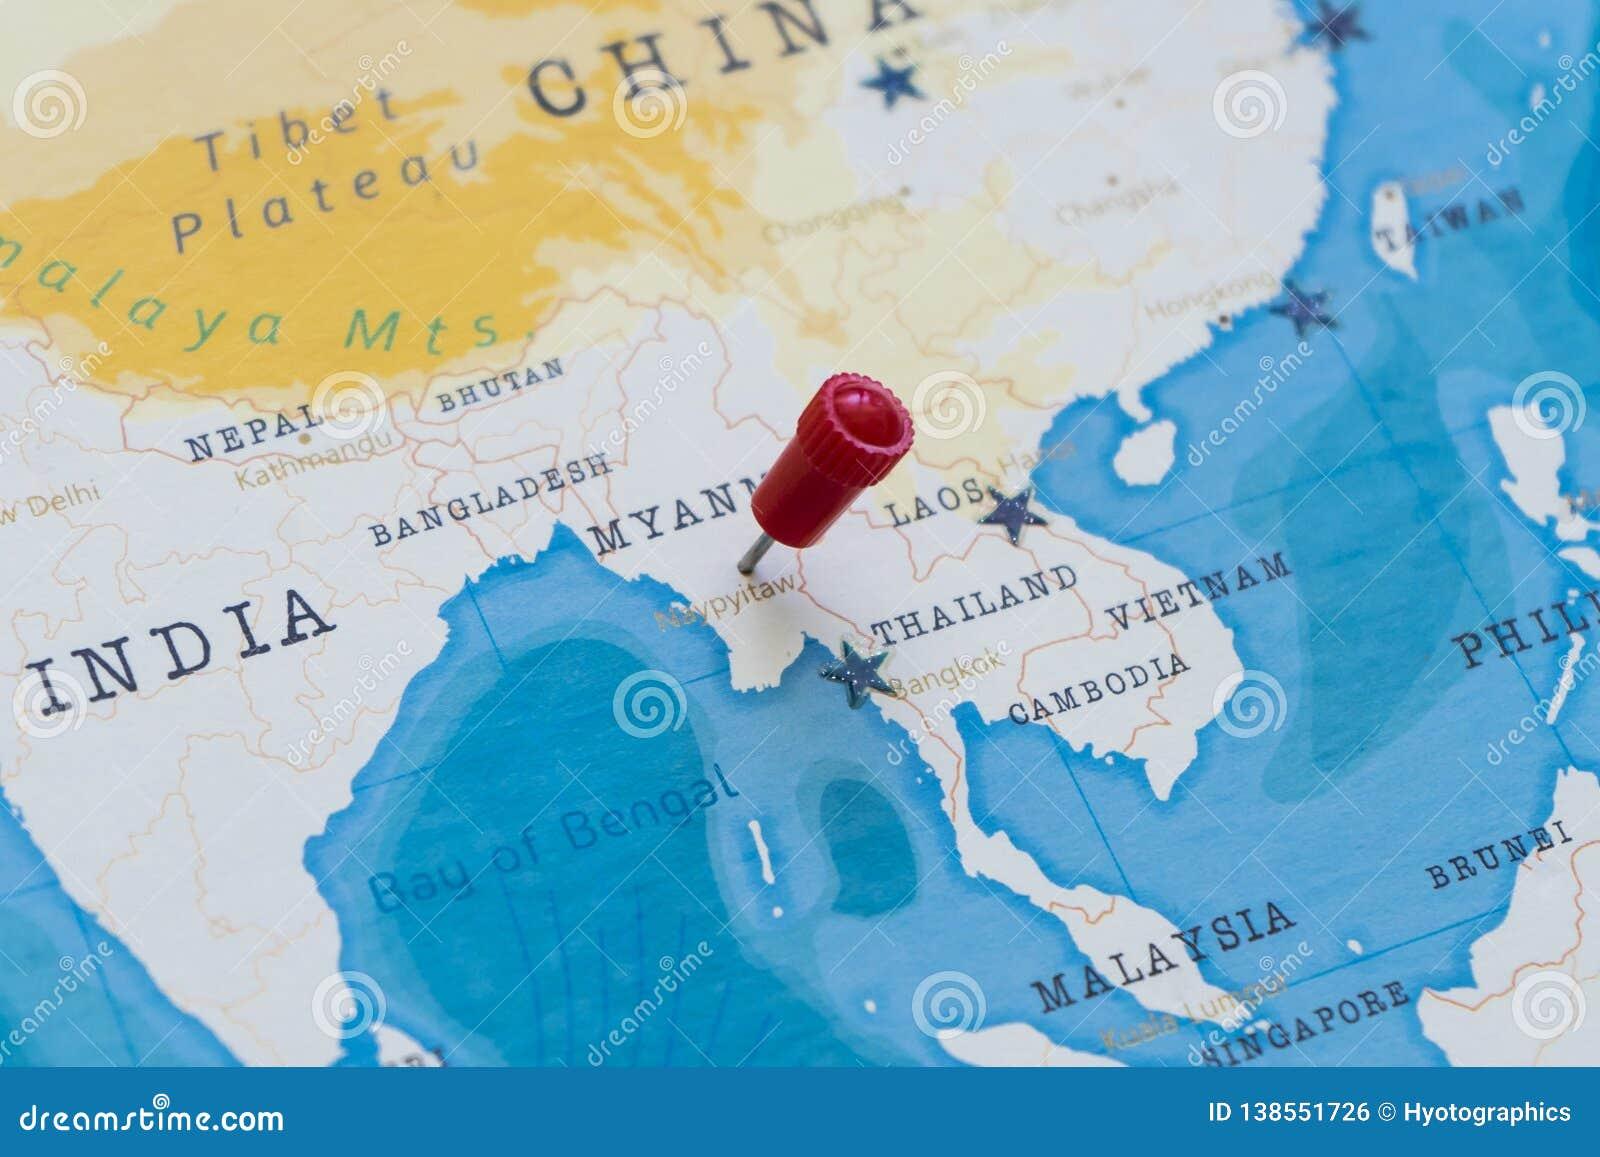 A Pin On Naypyitaw Myanmar Burma In The World Map Stock Photo